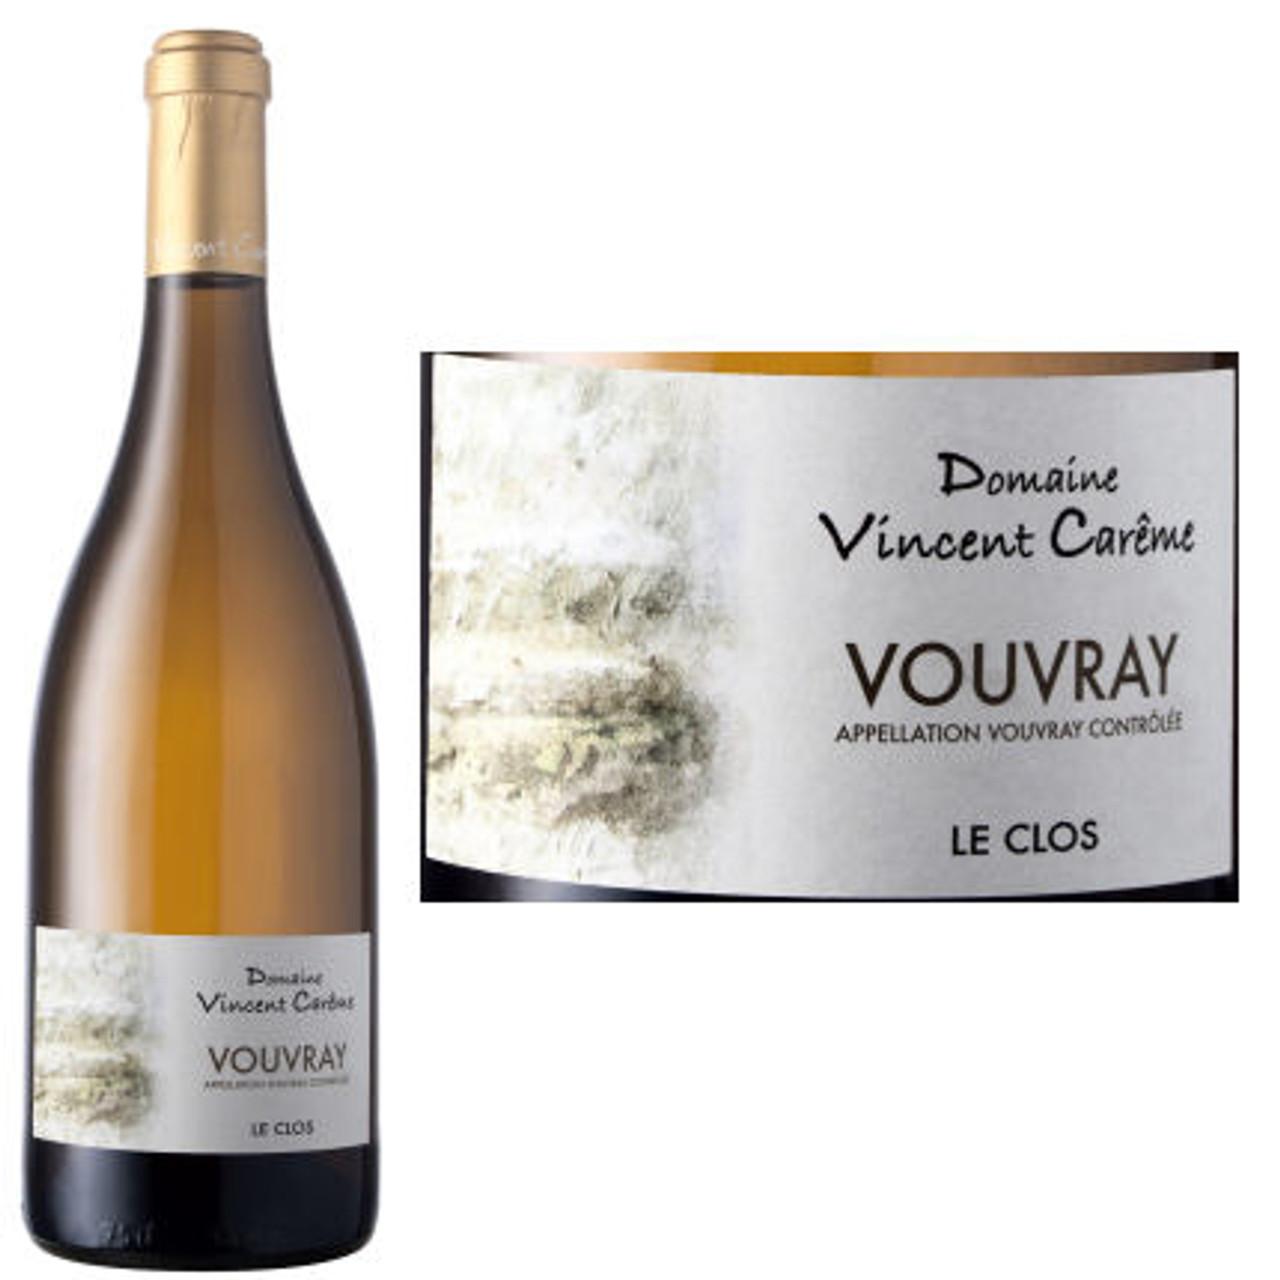 Domaine Vincent Careme Le Clos Vouvray